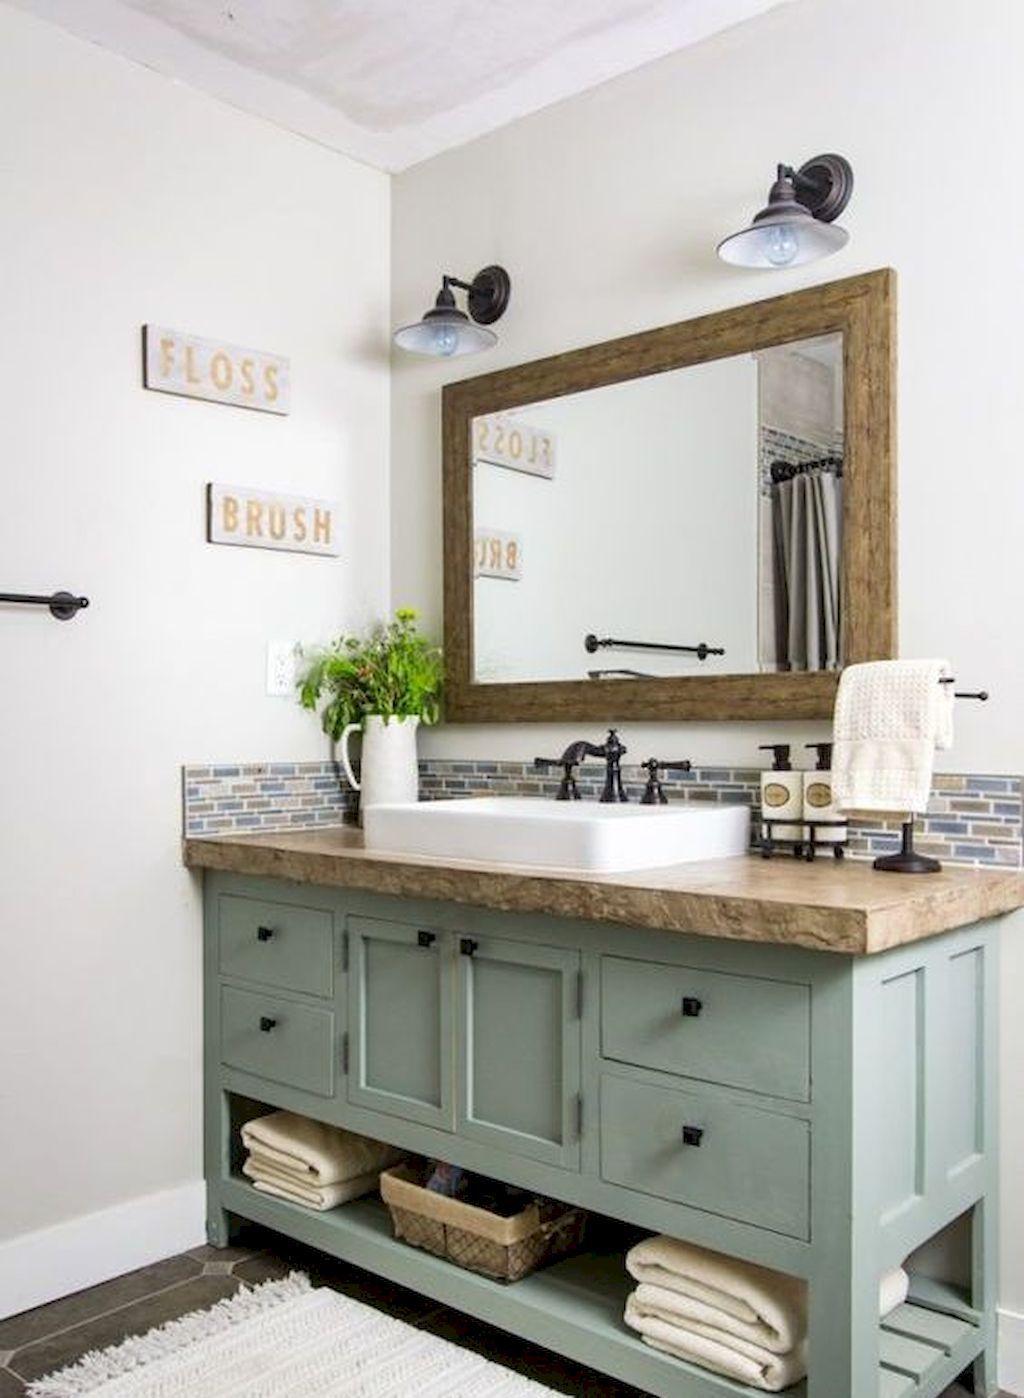 50 Stunning Farmhouse Bathroom Remodel Ideas On A Budget Wooden Bathroom Vanity Farmhouse Bathroom Vanity Wooden Bathroom